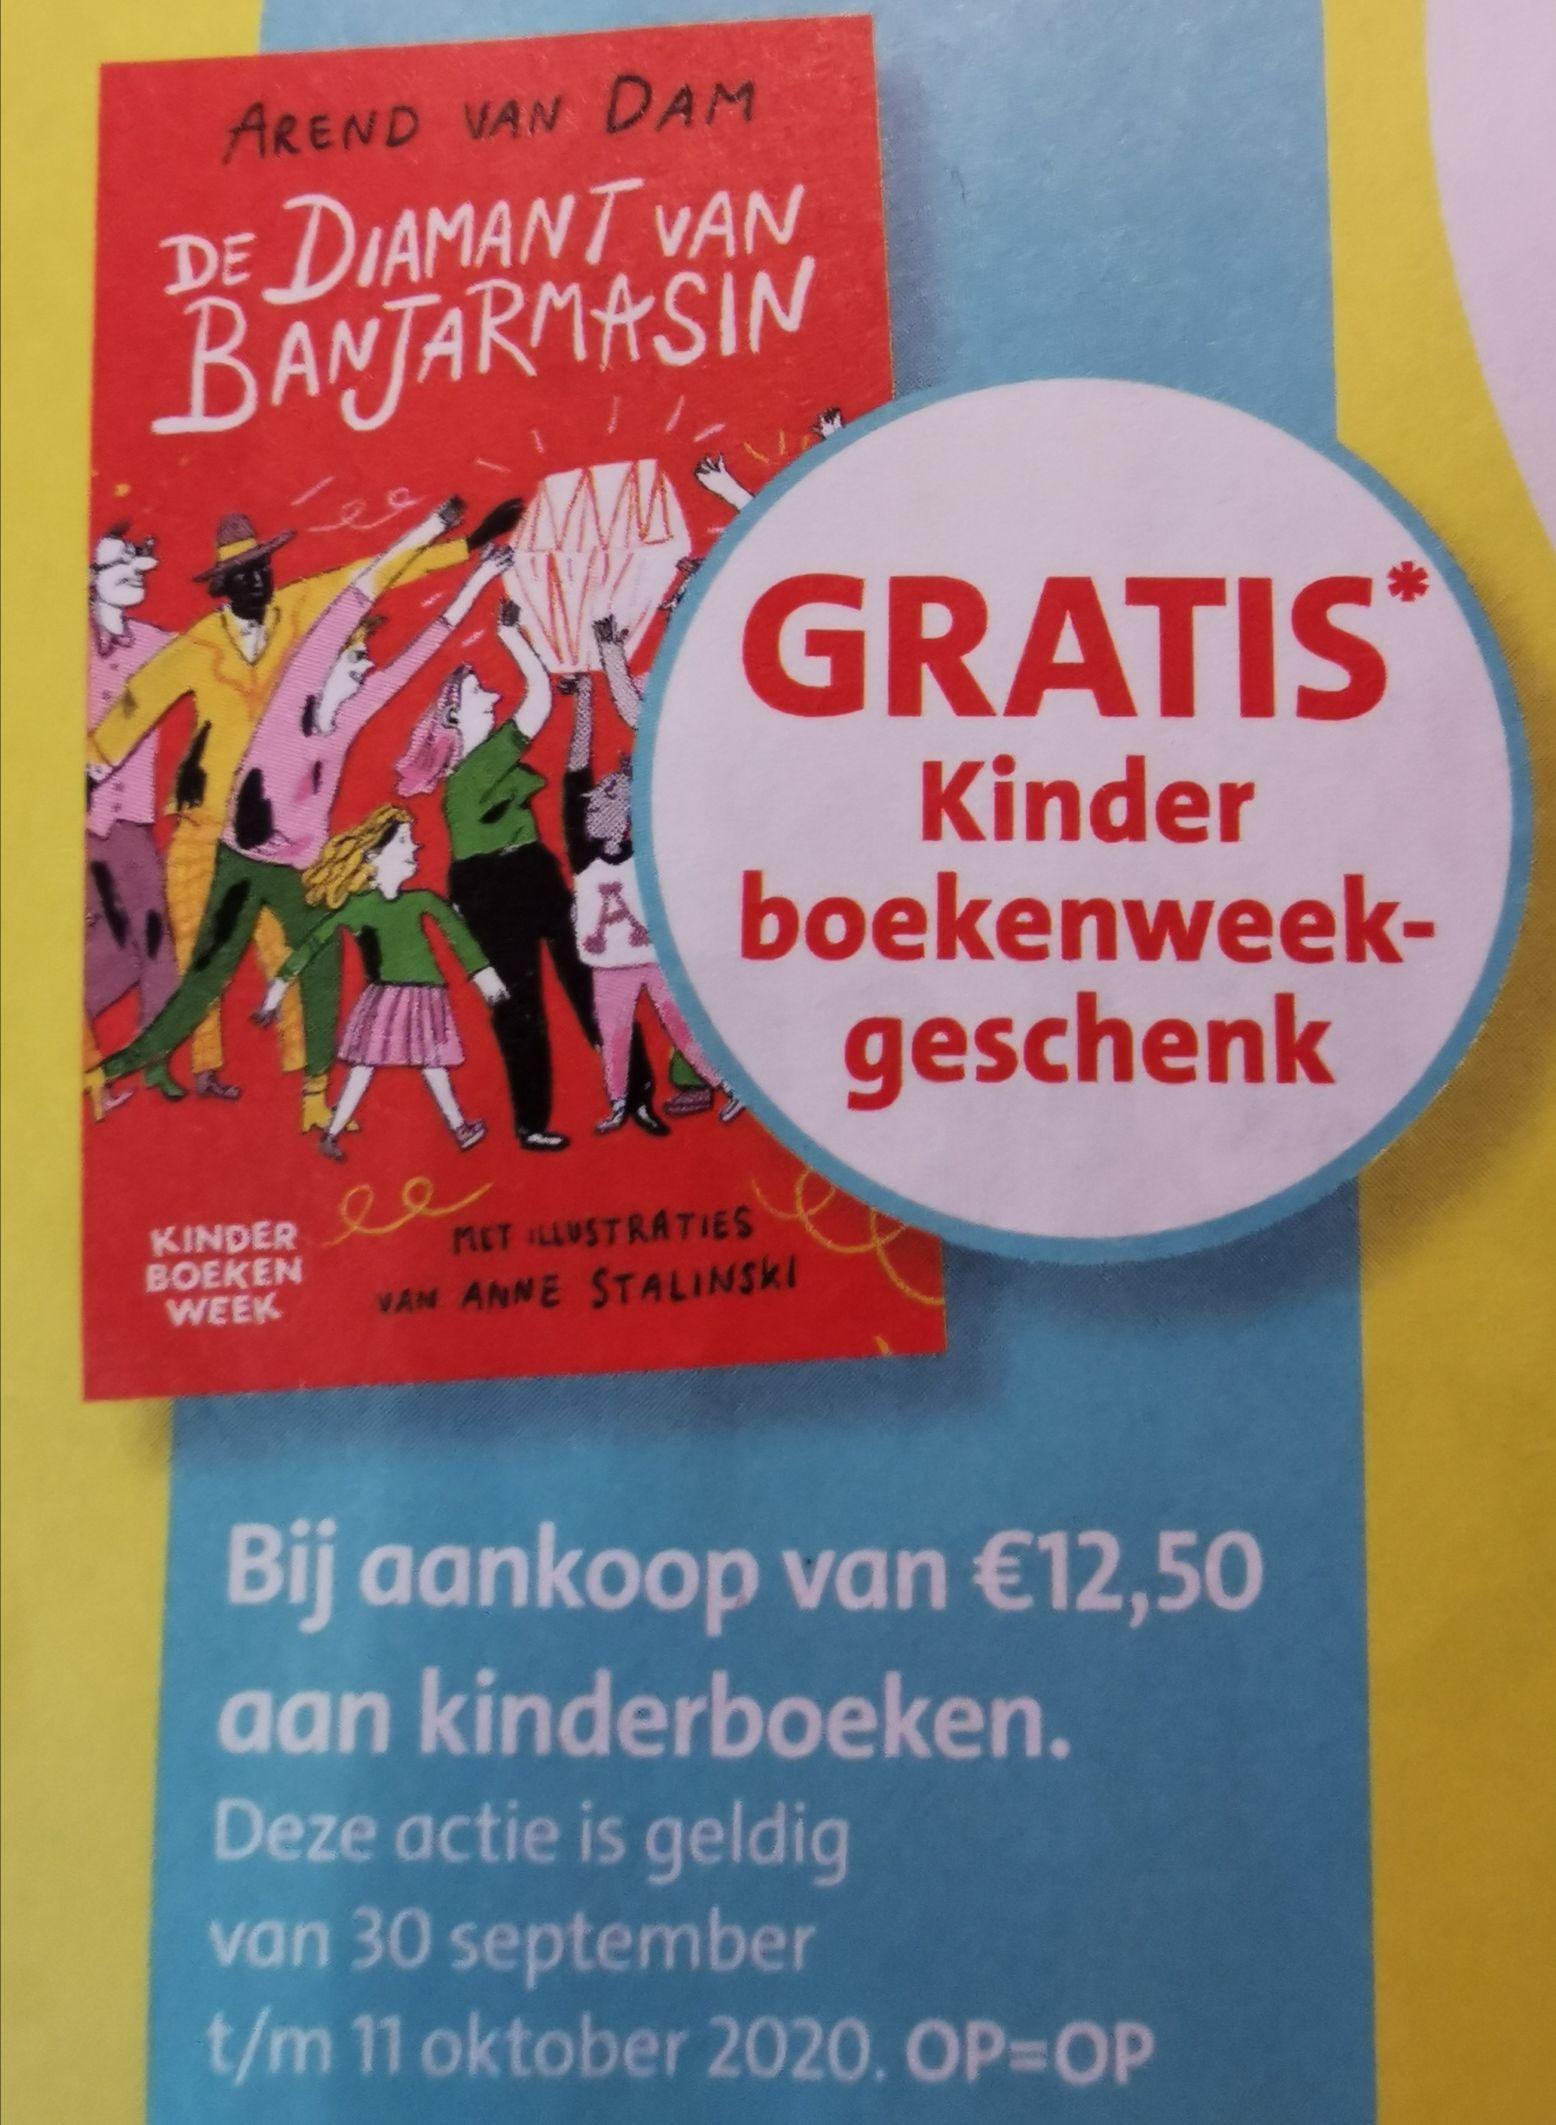 Kinderboekenweek 30 september t/m 11 oktober, gratis kinderboek geschreven door Arend van Dam bij aankoop van € 12,50 aan kinderboeken.